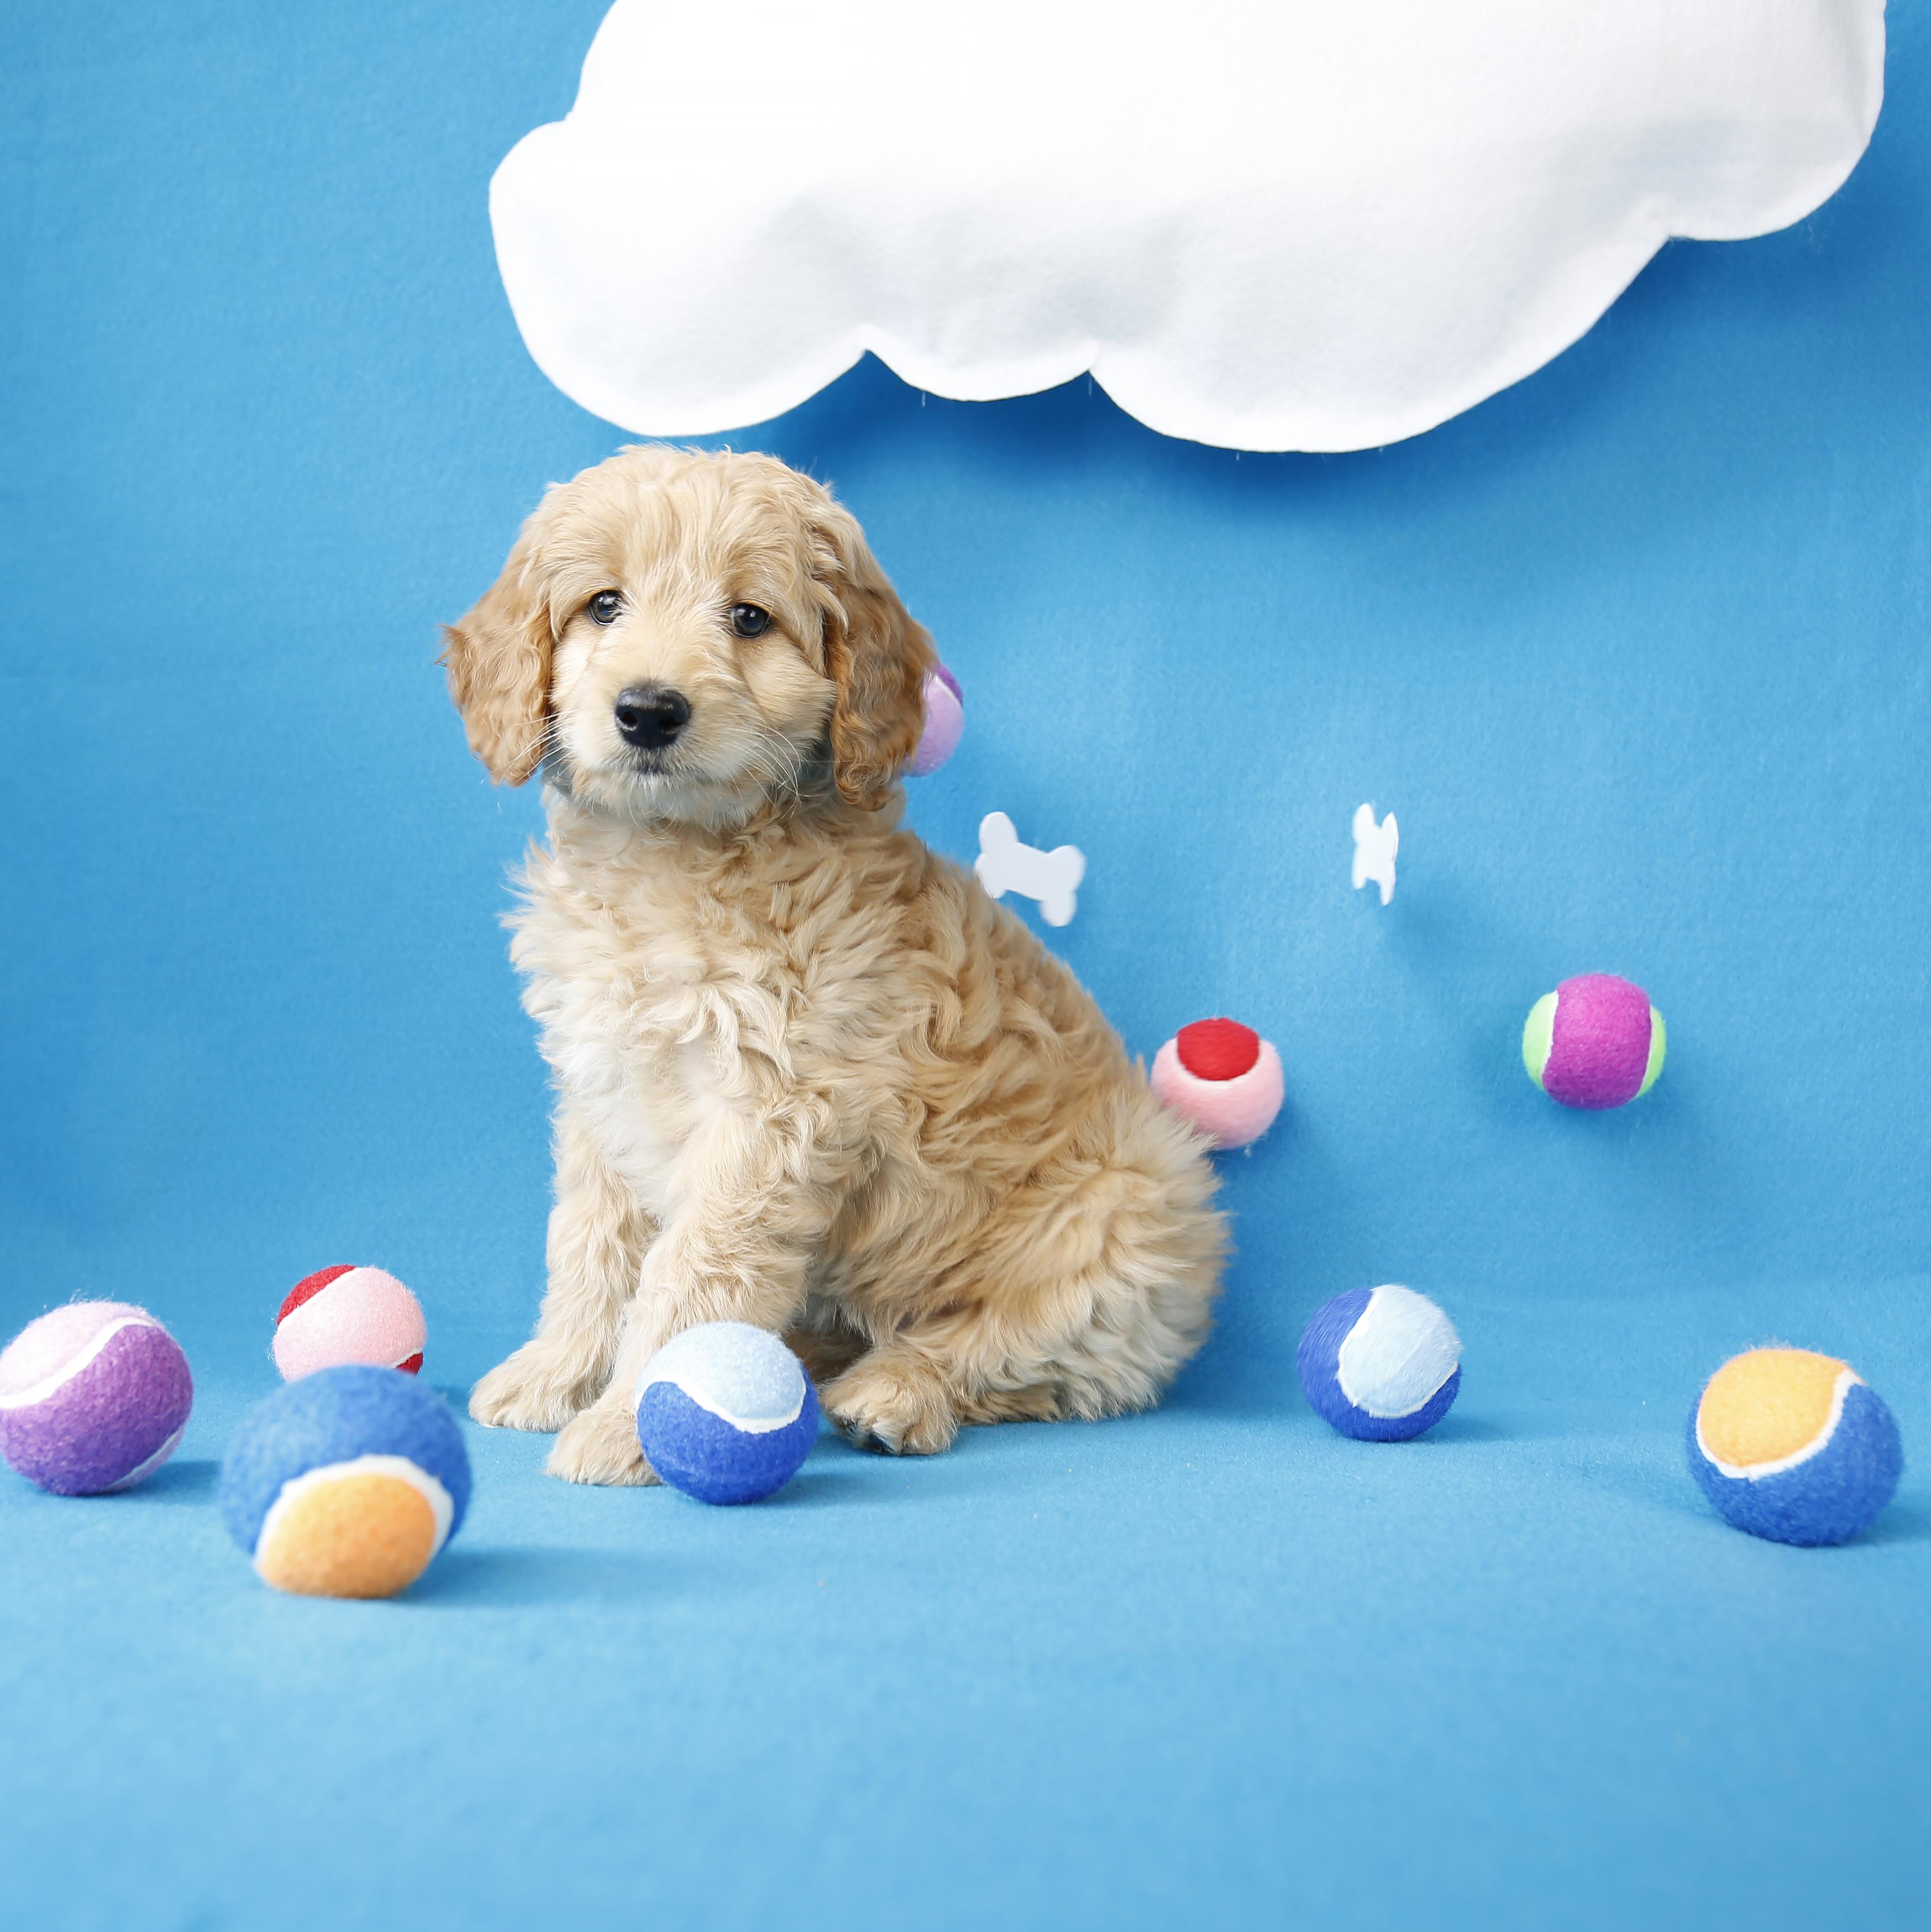 Dog+toys3